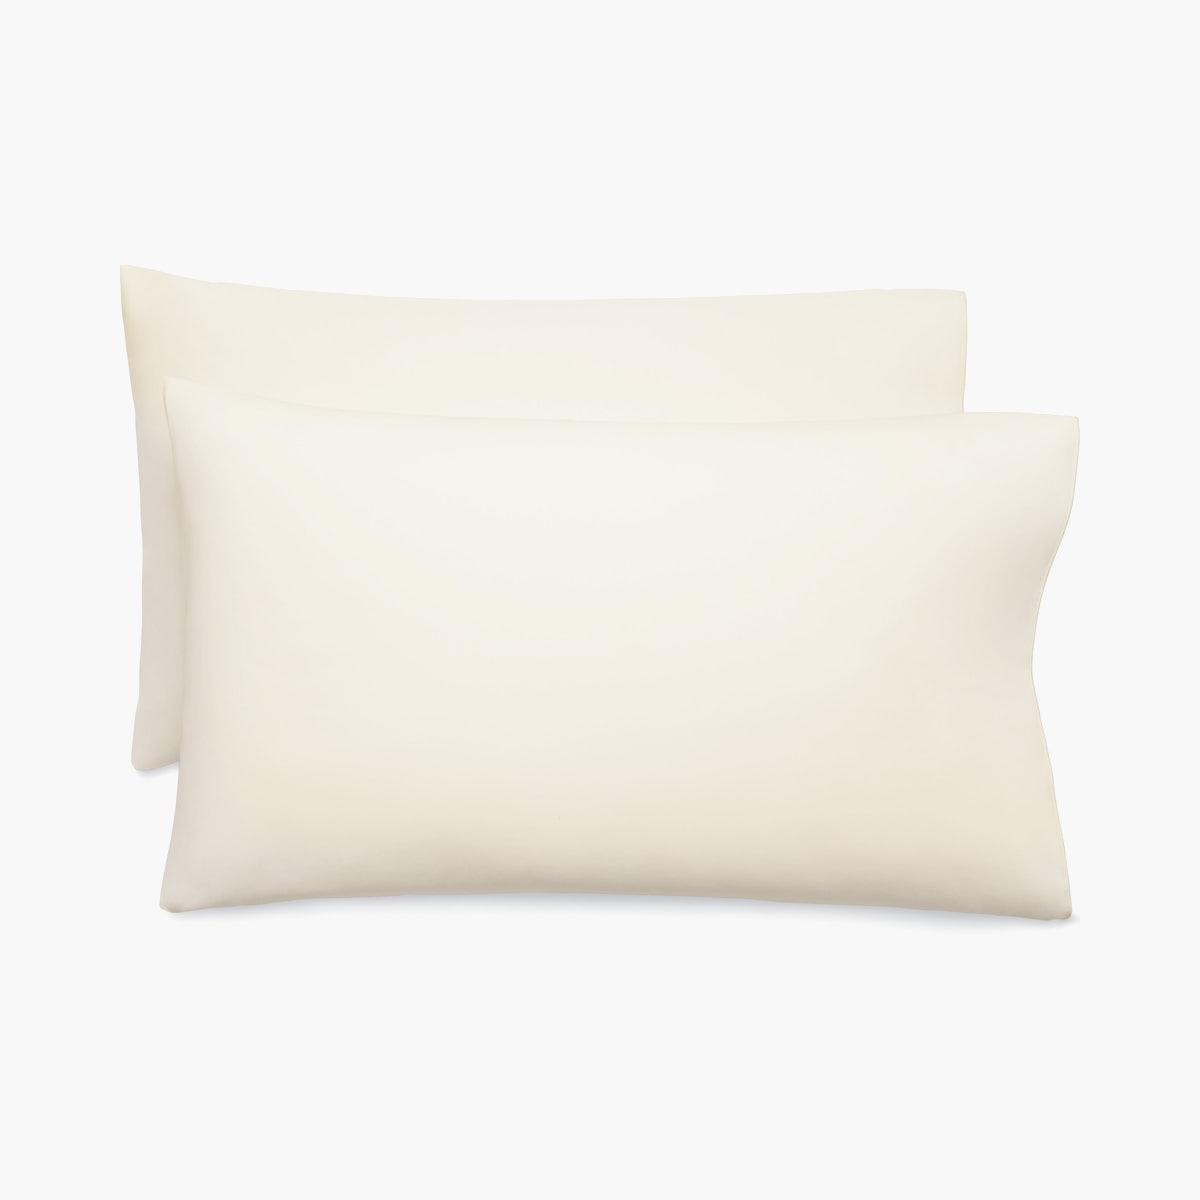 DWR Pillowcase Pair - Percale